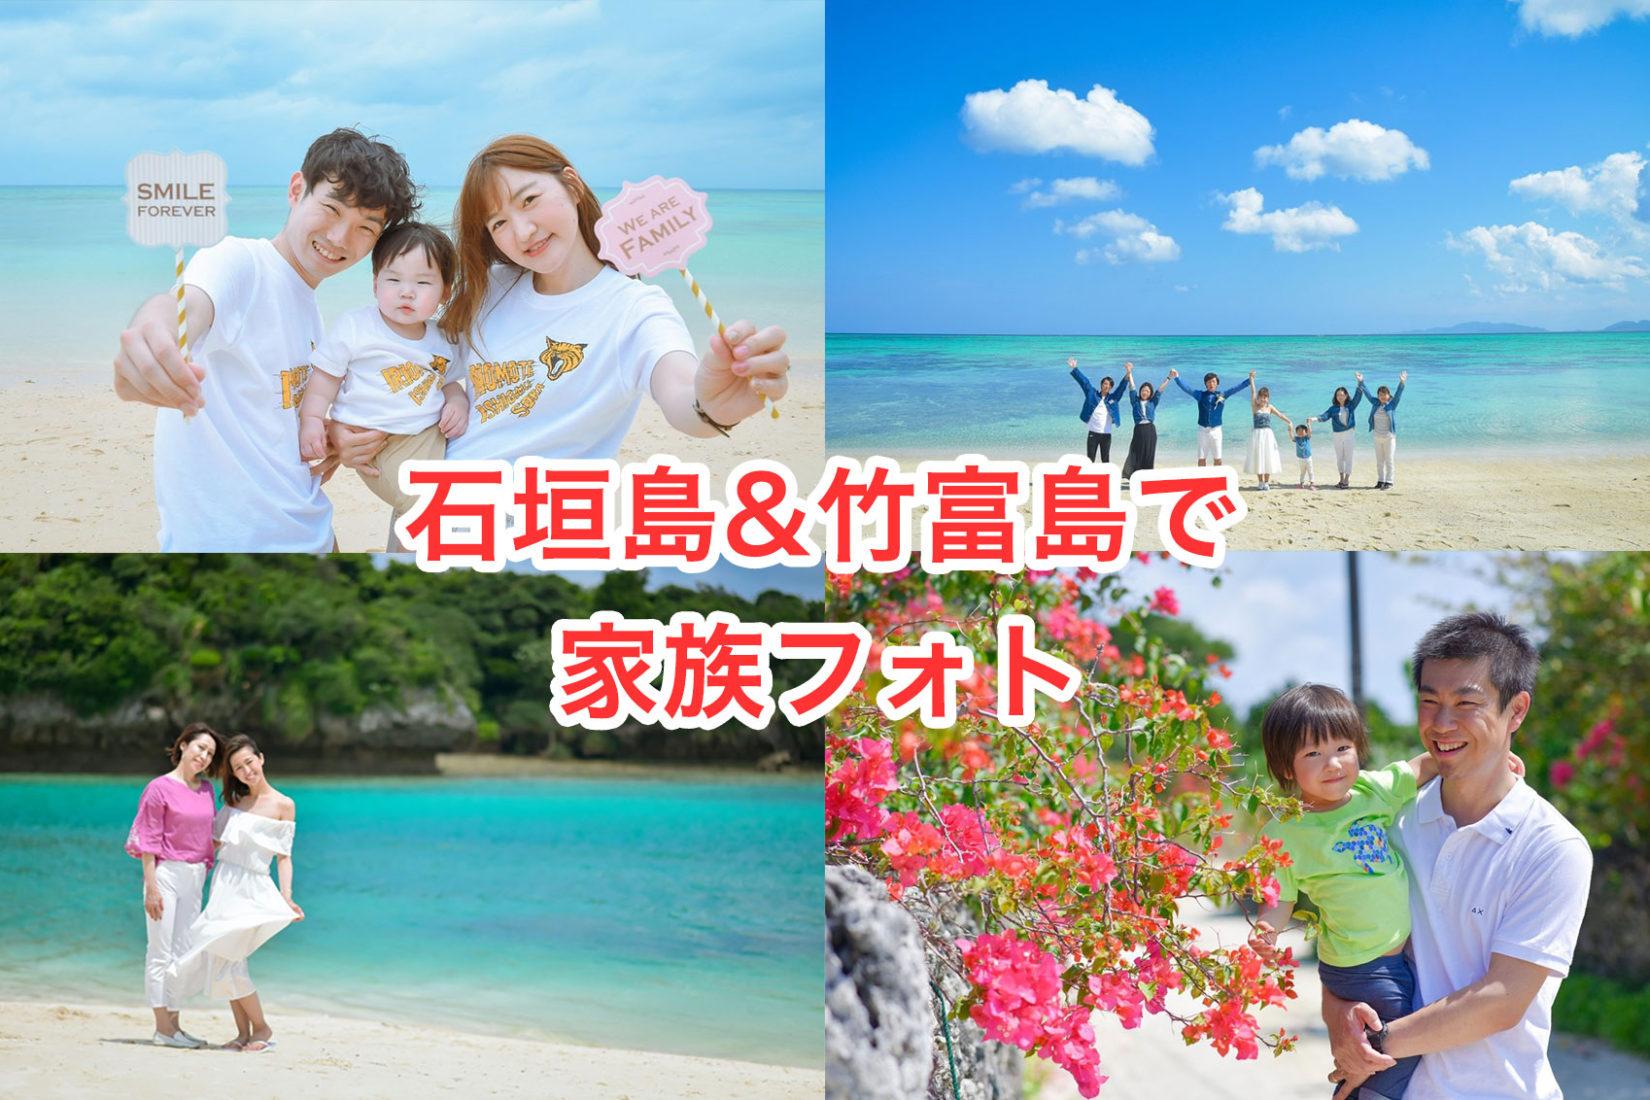 【2019年3&4月撮影】石垣島&竹富島で家族フォト!7組のファミリーをご紹介👪